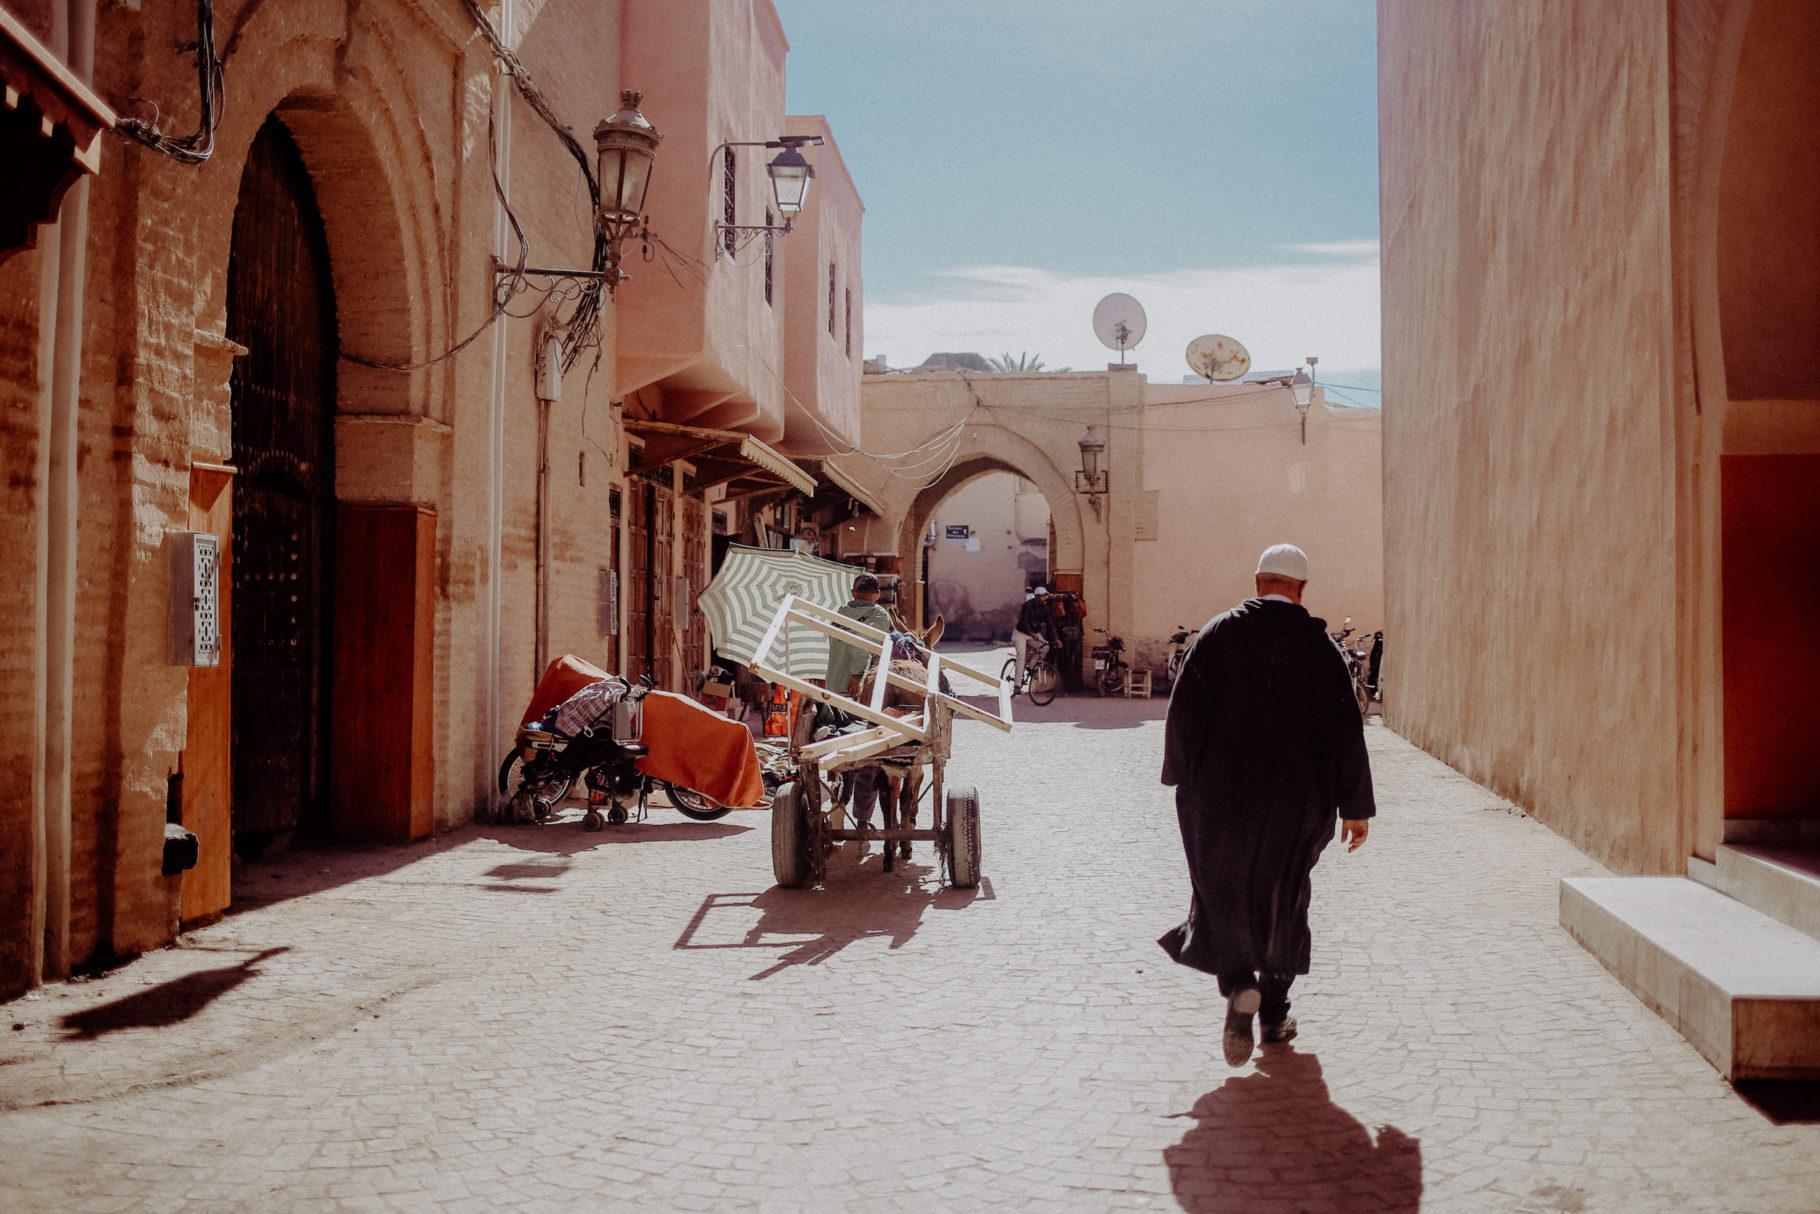 Meine Reiseroute für Marokko in 8 Tagen